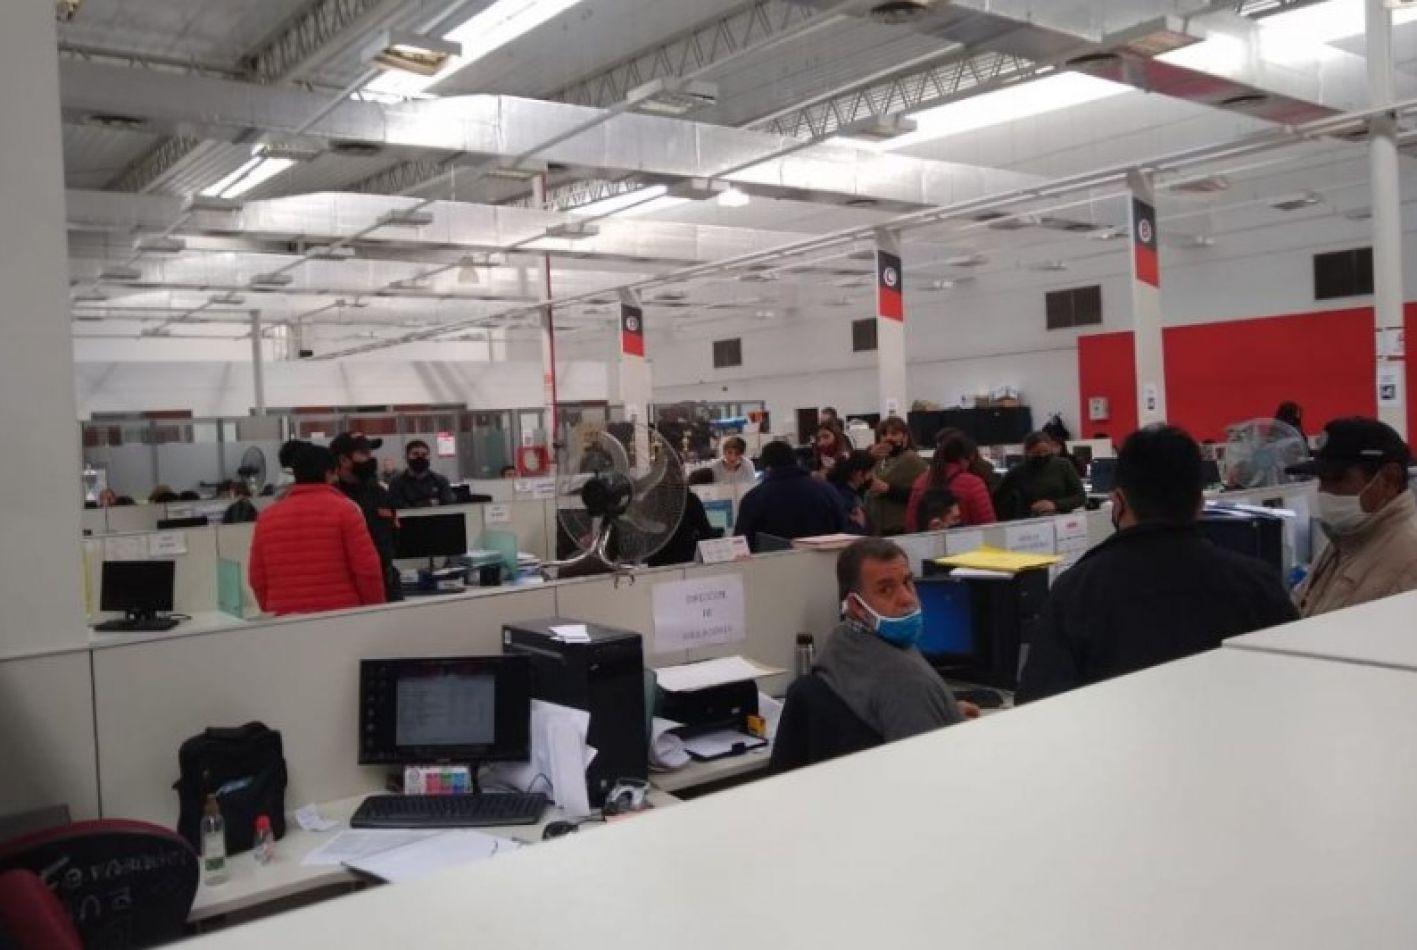 Allanamientos en la Muni: empleadas cobraban hasta $5 mil por un certificado trucho